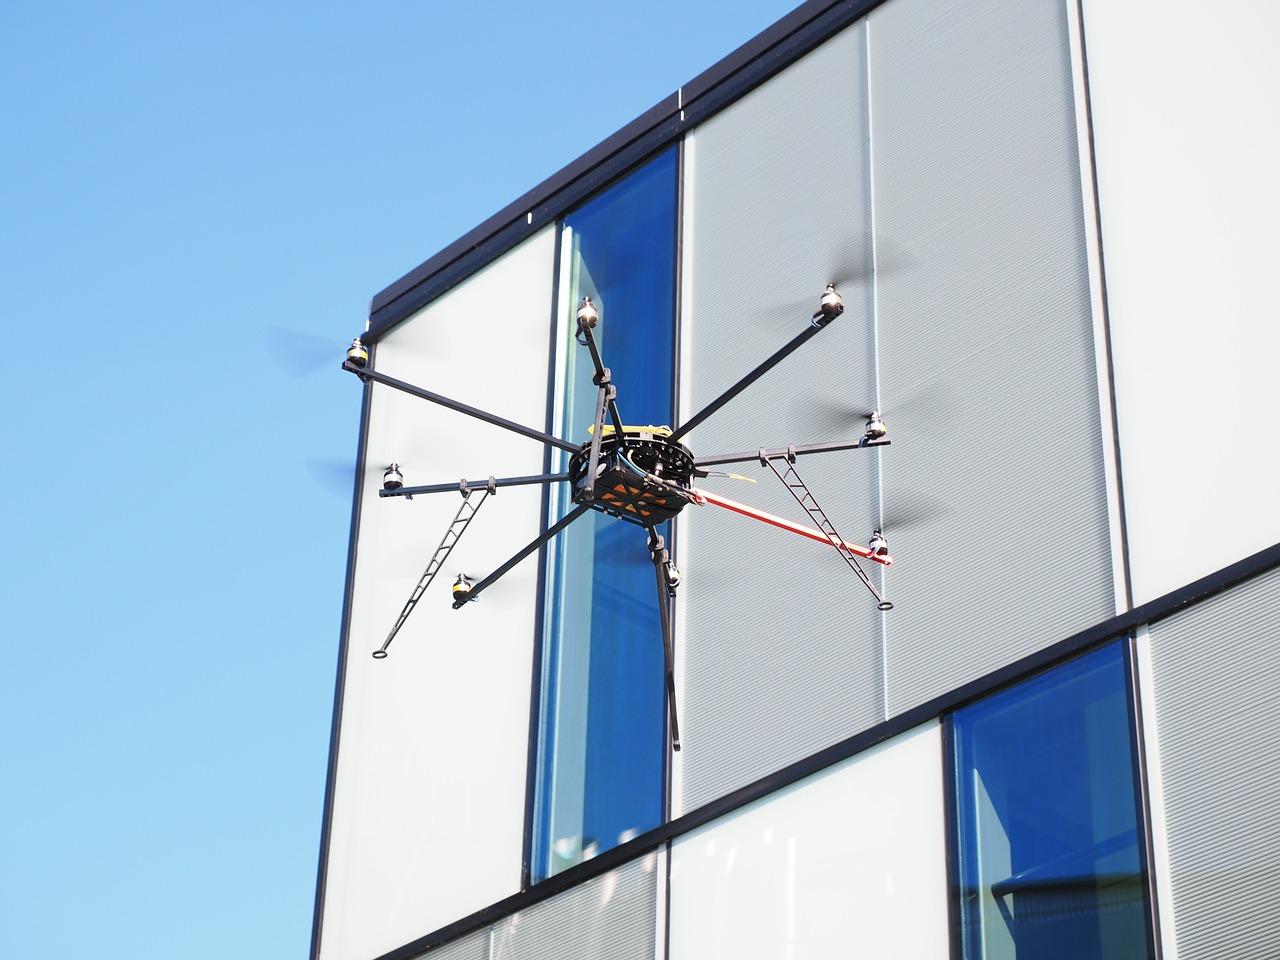 drone-592218_1280